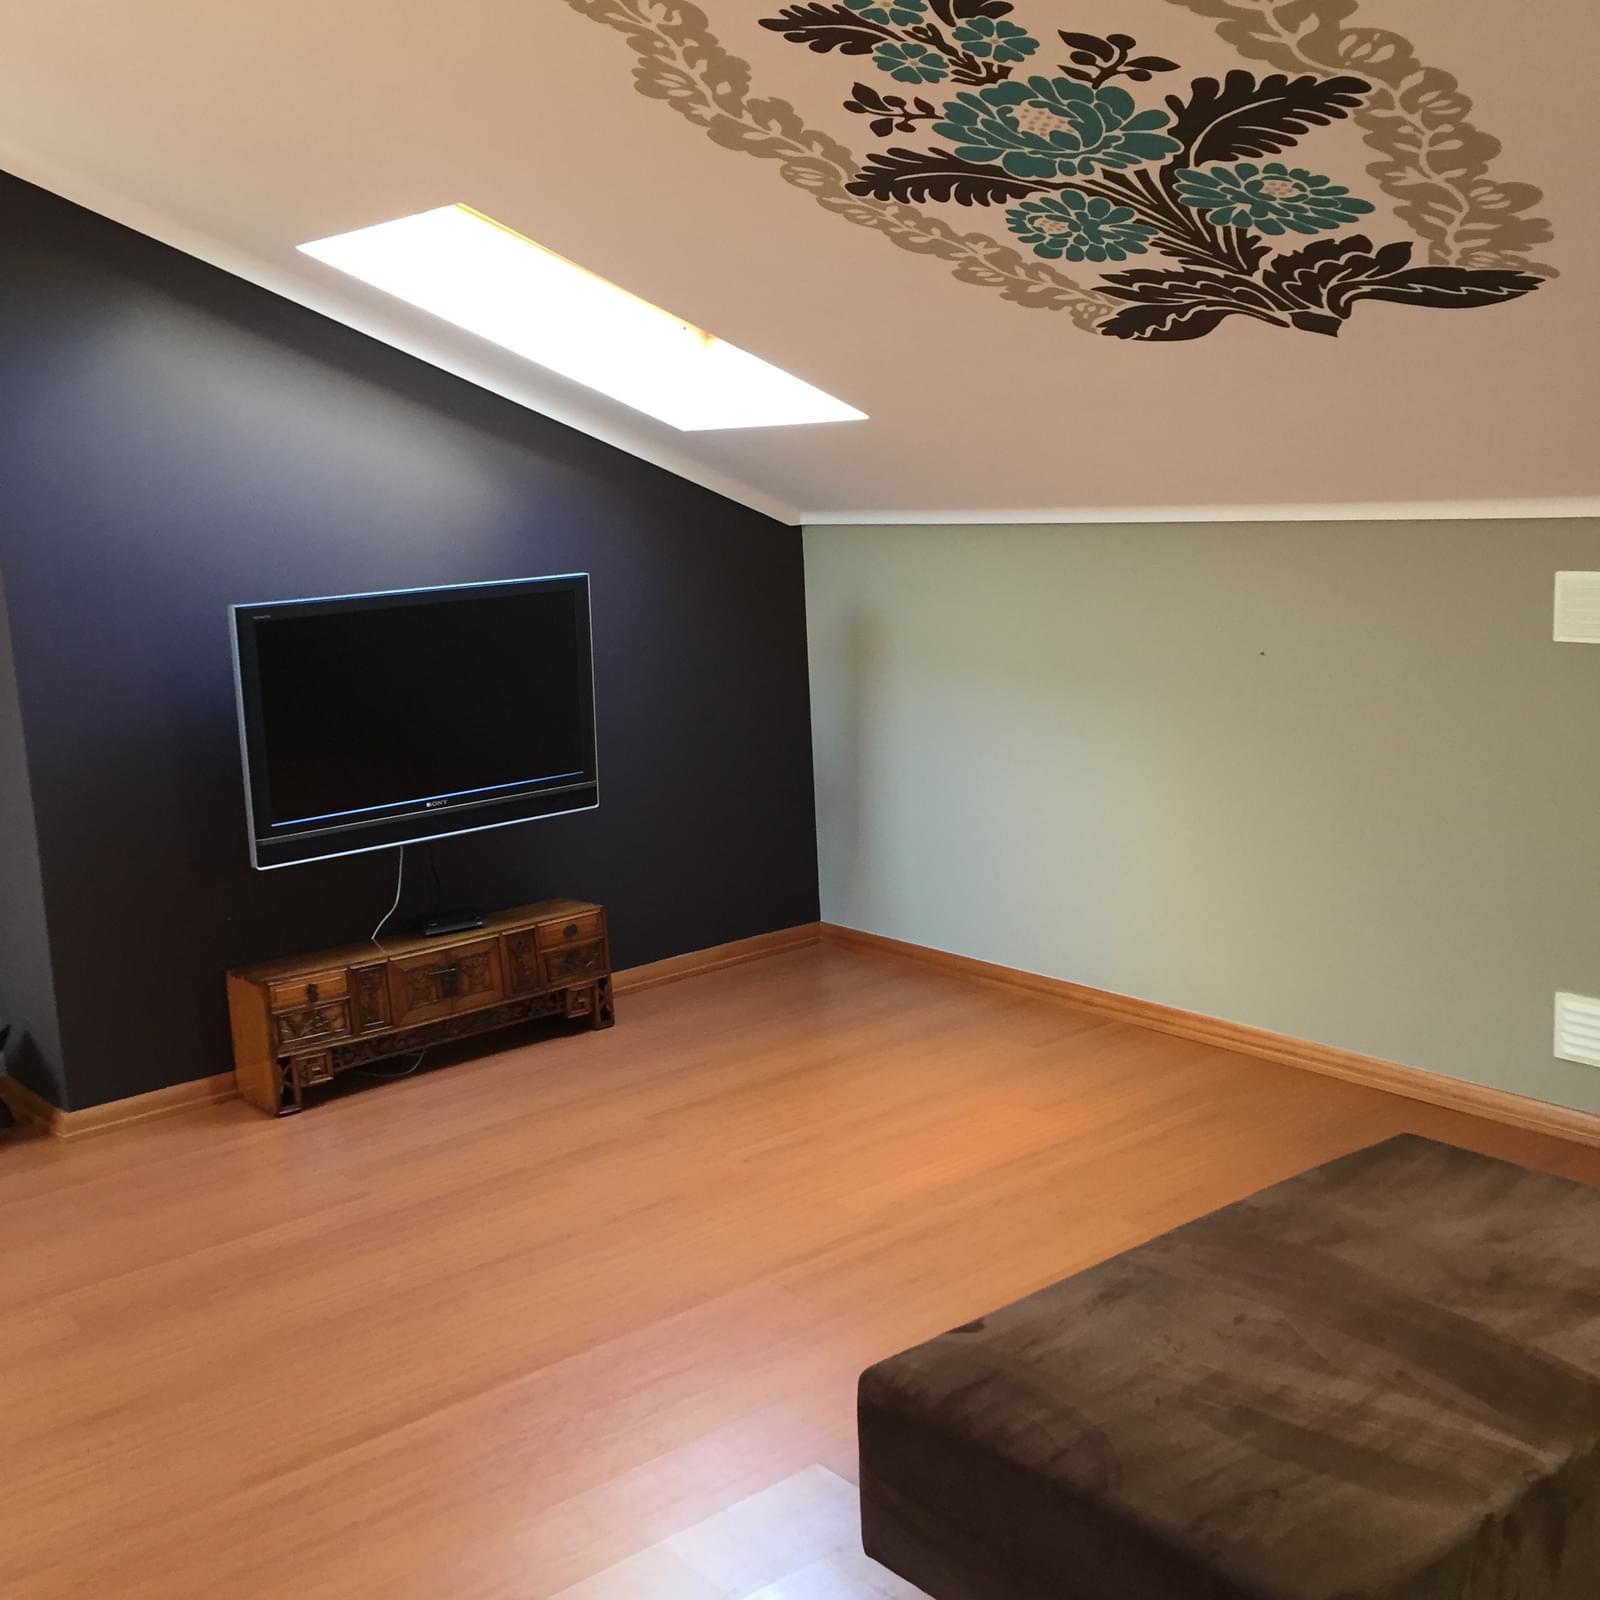 pf18450-apartamento-t3-cascais-c4e69437-0671-4986-b040-0a452c4df5c2